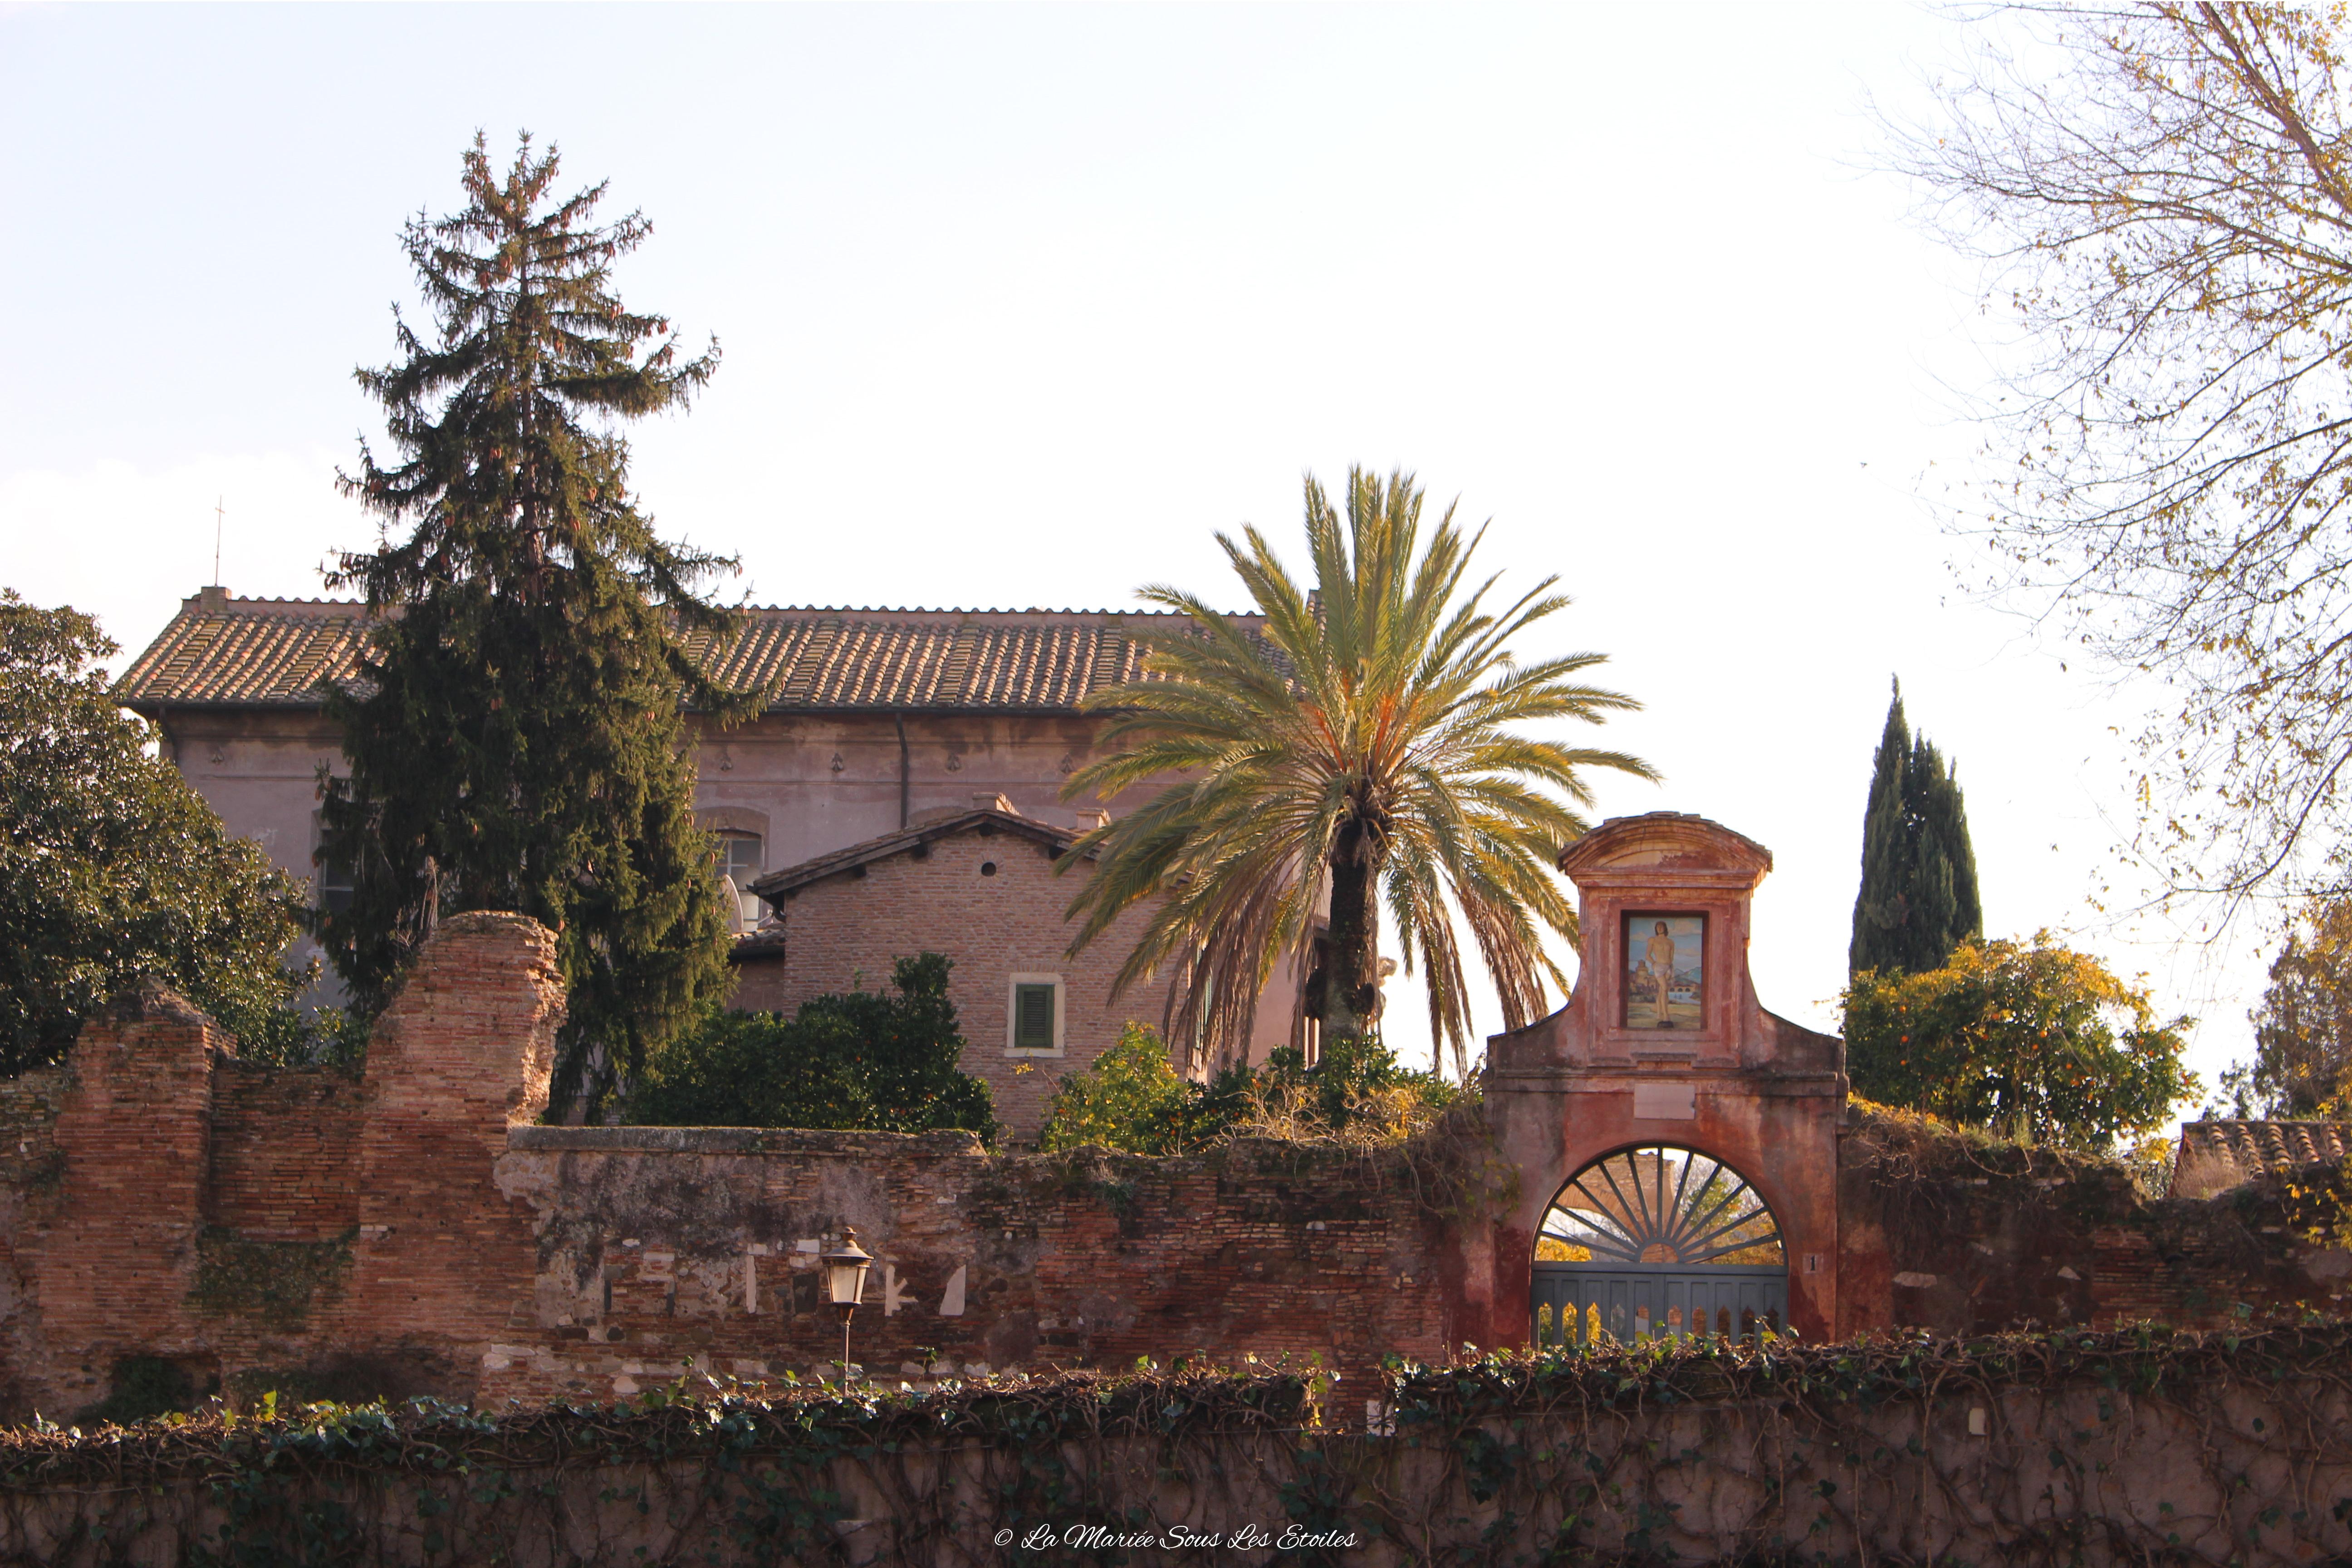 Forum romain | Voyage en amoureux - Rome, la cité éternelle